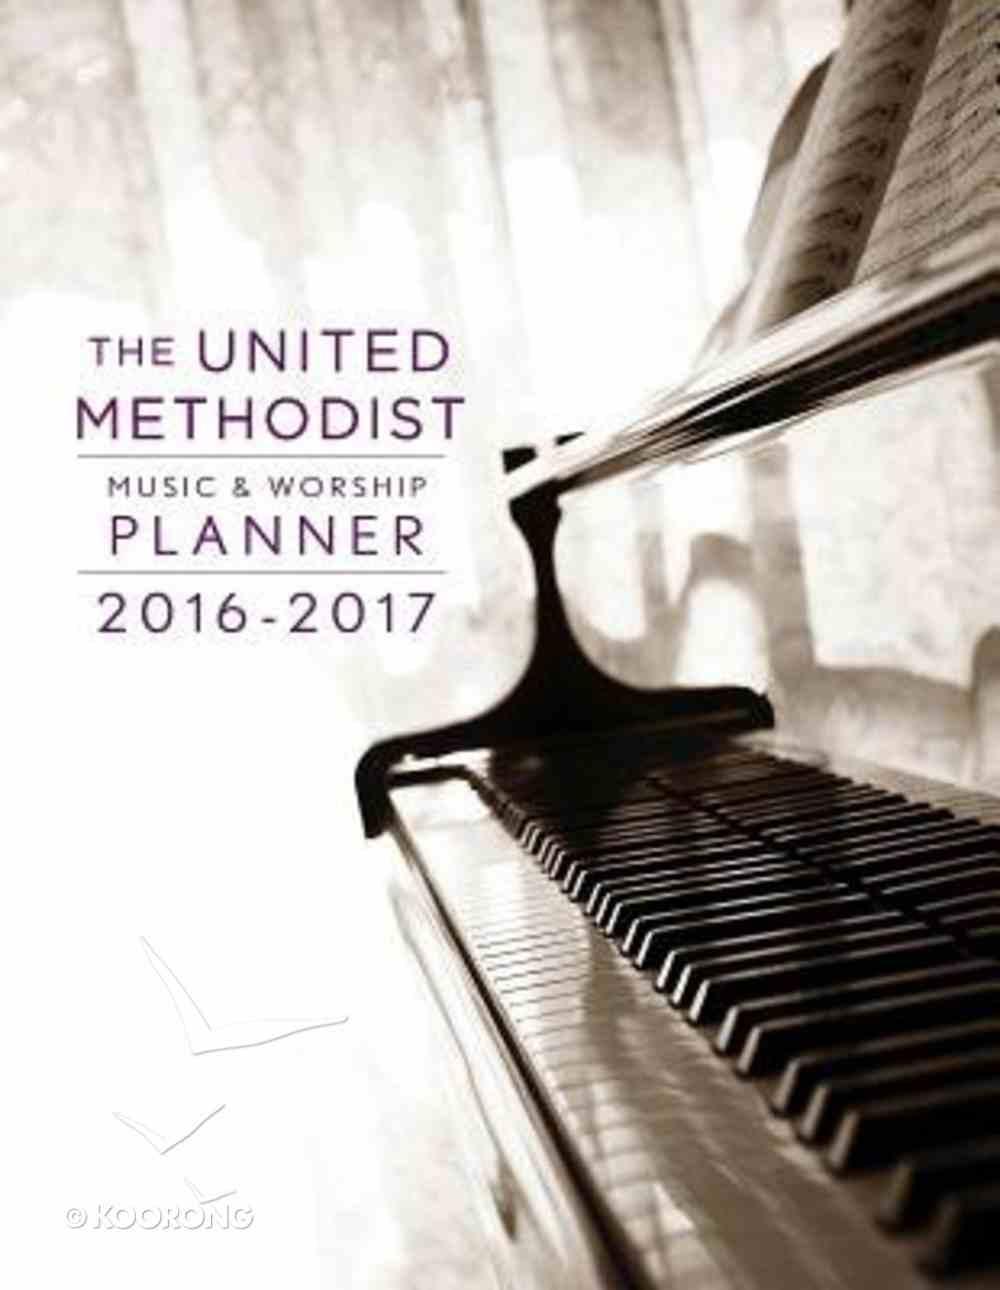 The United Methodist Music & Worship Planner 2016-2017 Spiral